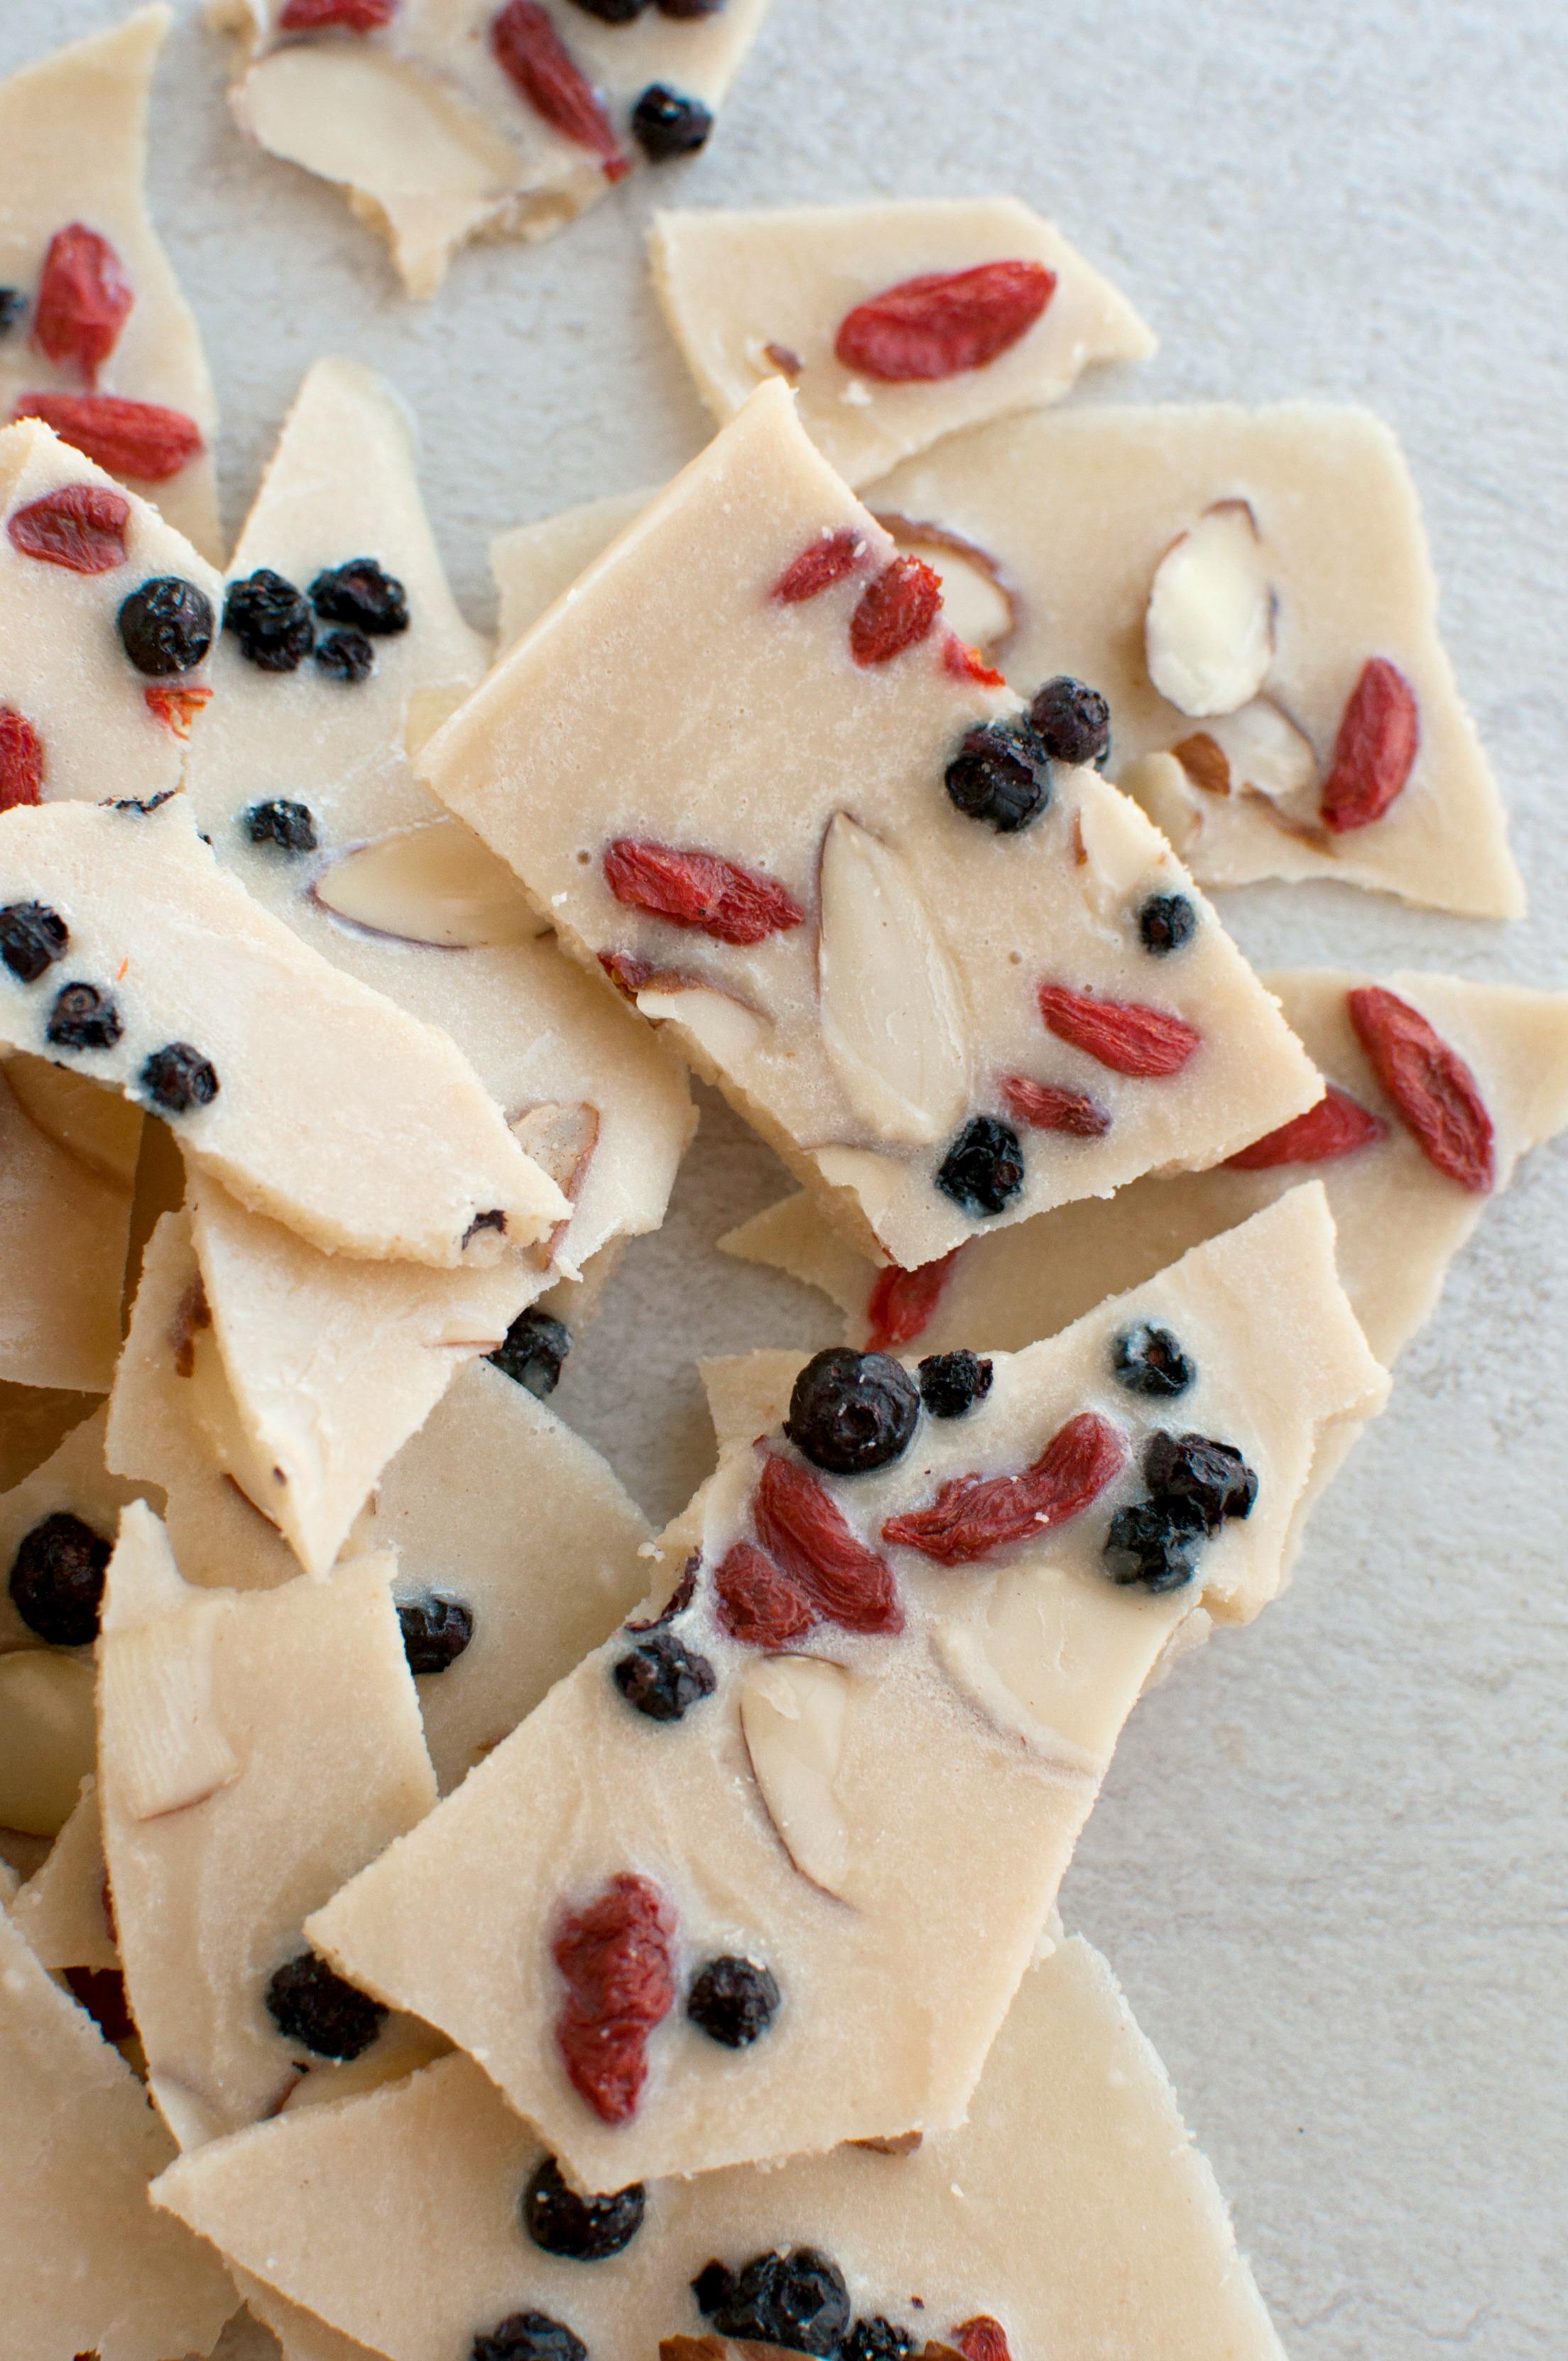 White Chocolate Bark (Dairy Free) - The Organic Dietitian